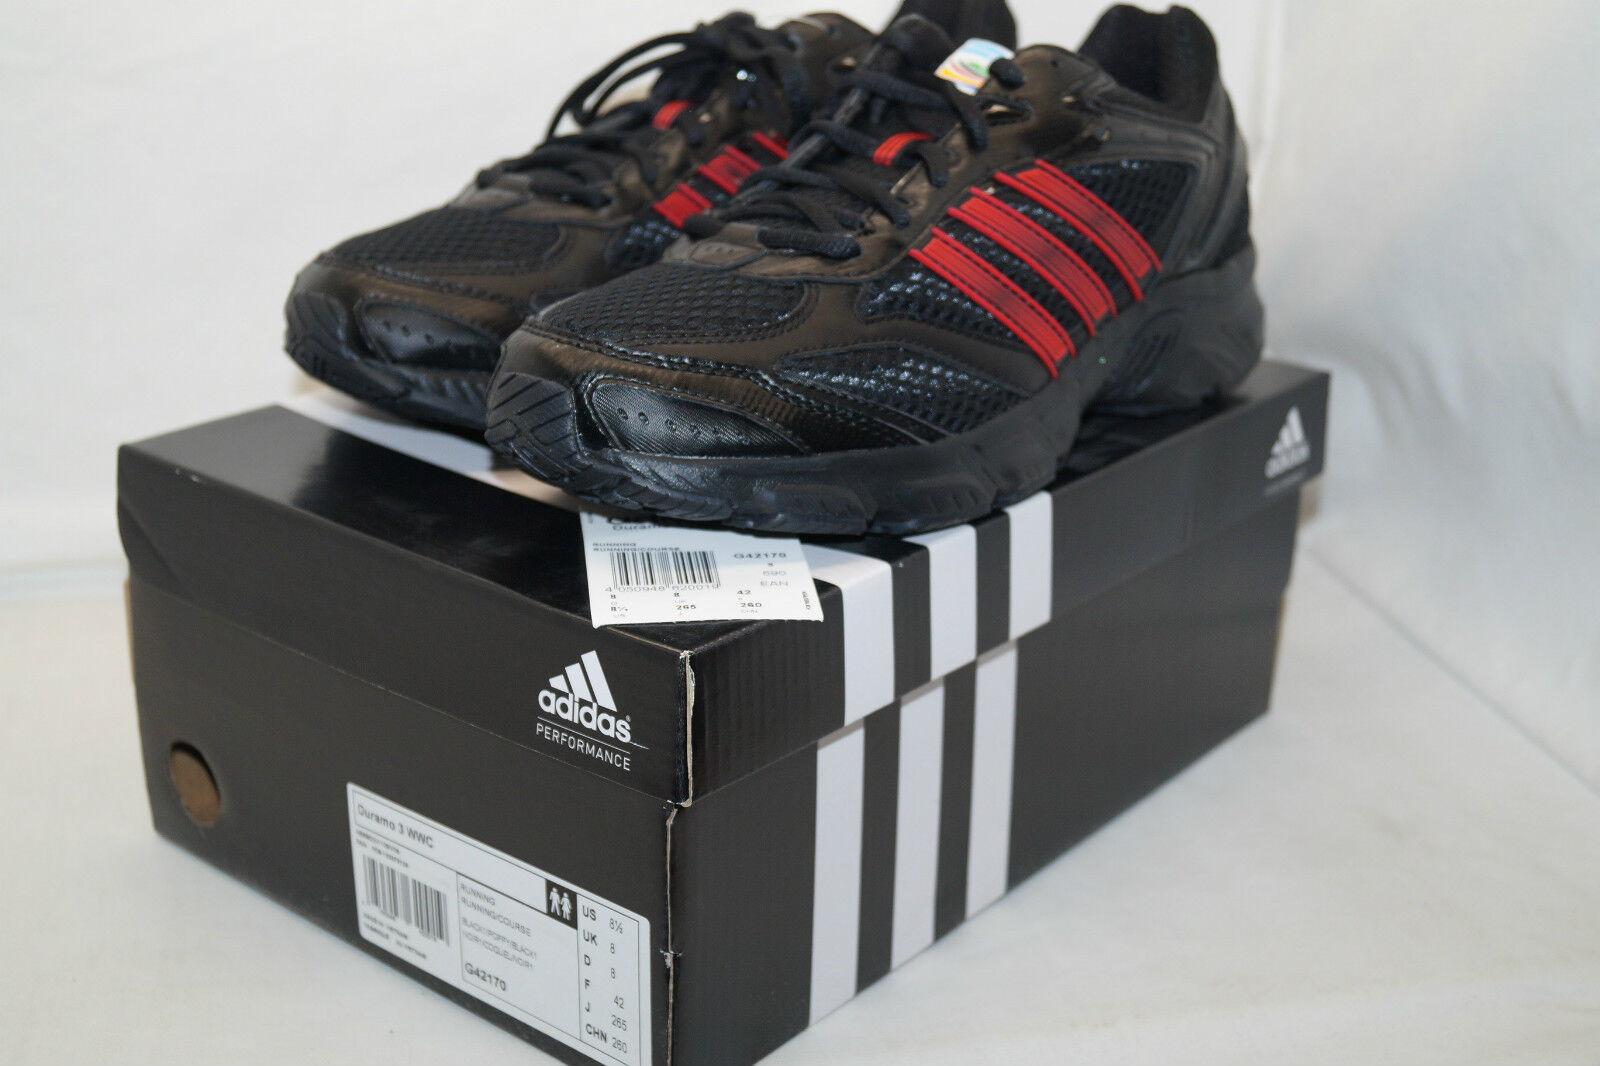 Adidas DURAMO 3 WWC schwarz Gr.42 UK.8 sonder ed.FRAUEN Fussball WM 2011 Germany